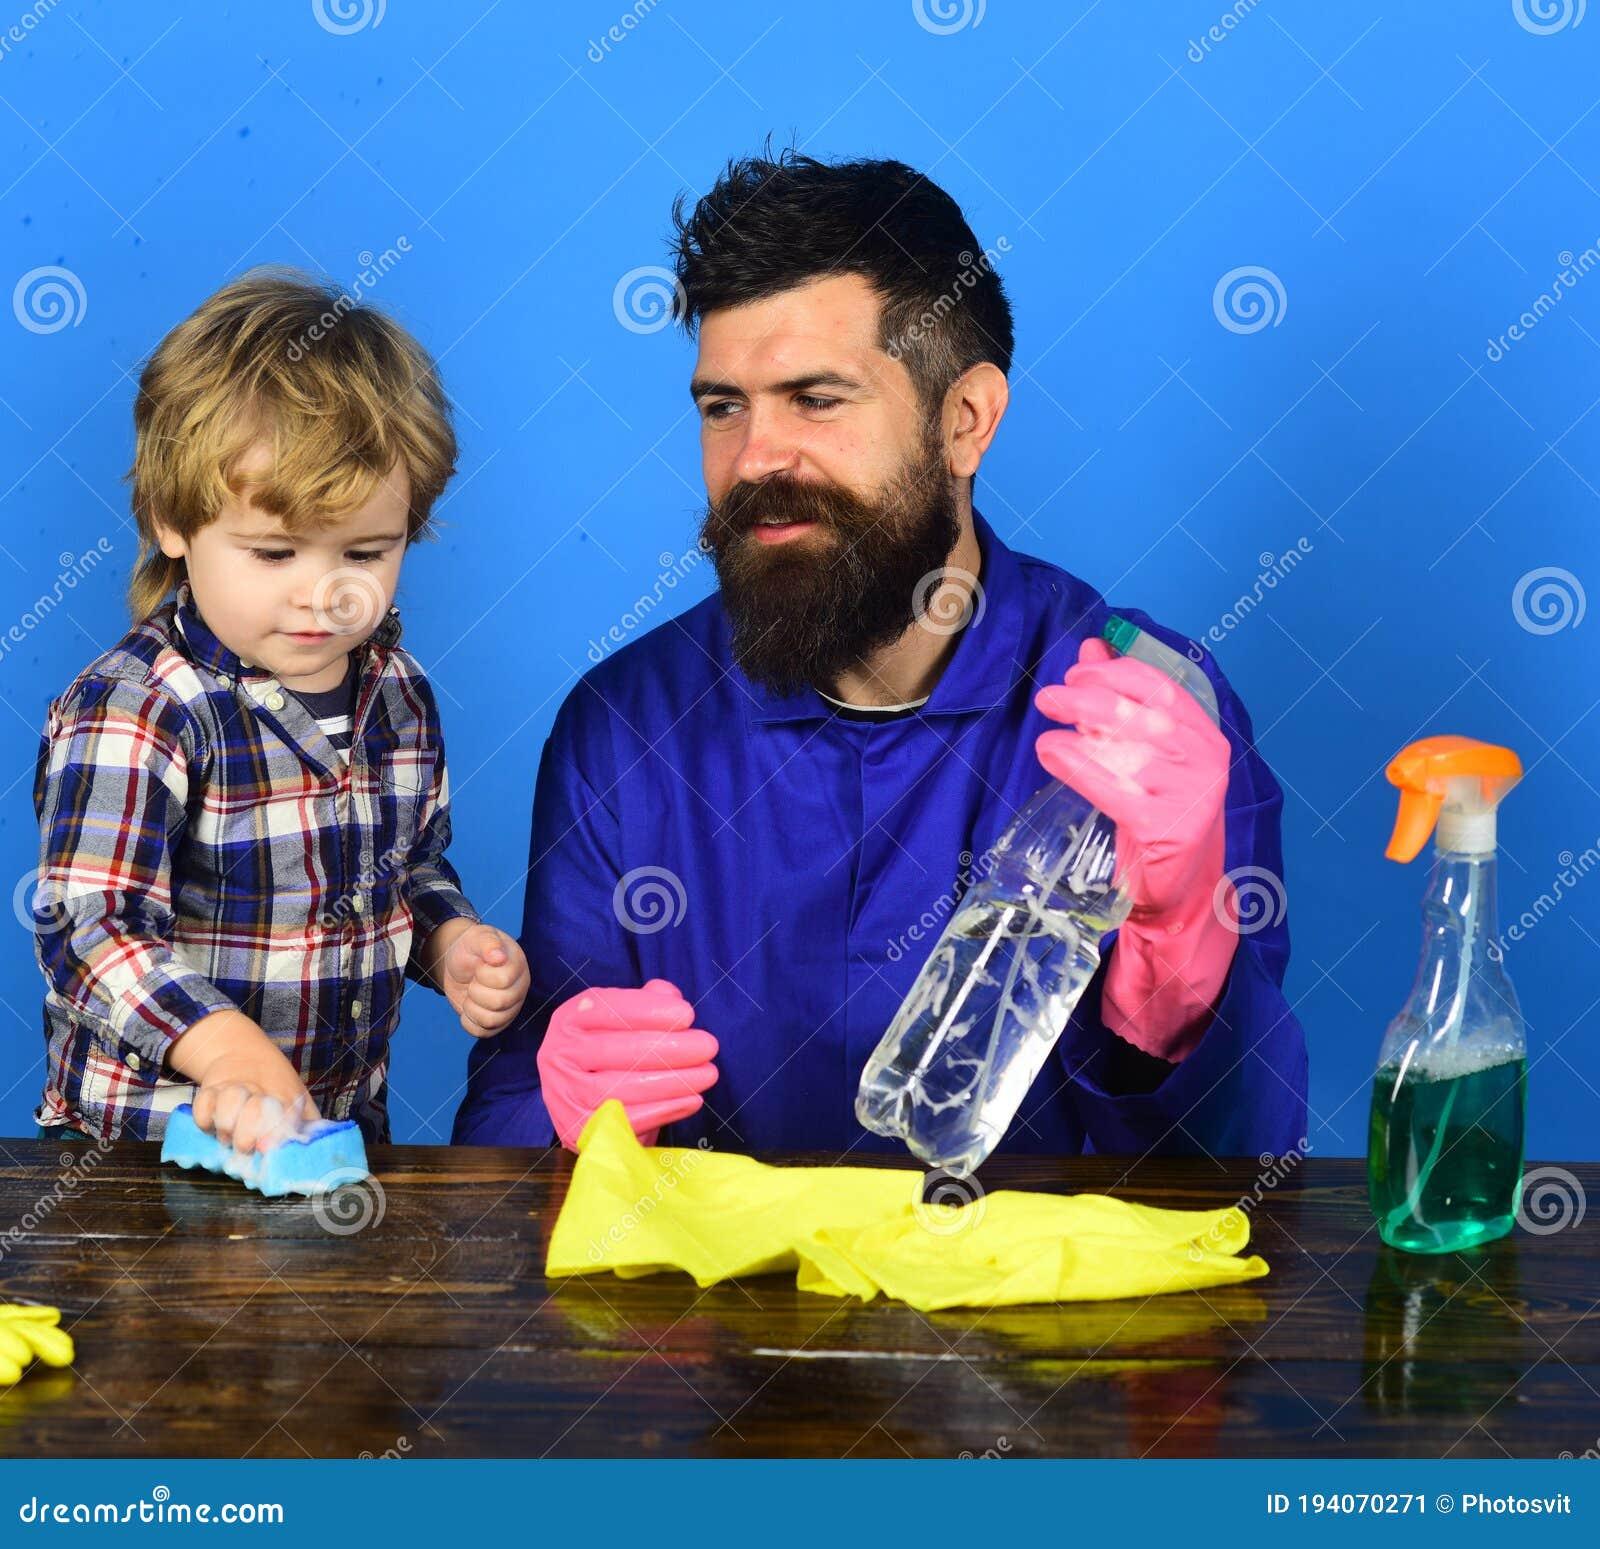 Blue Parent Man.